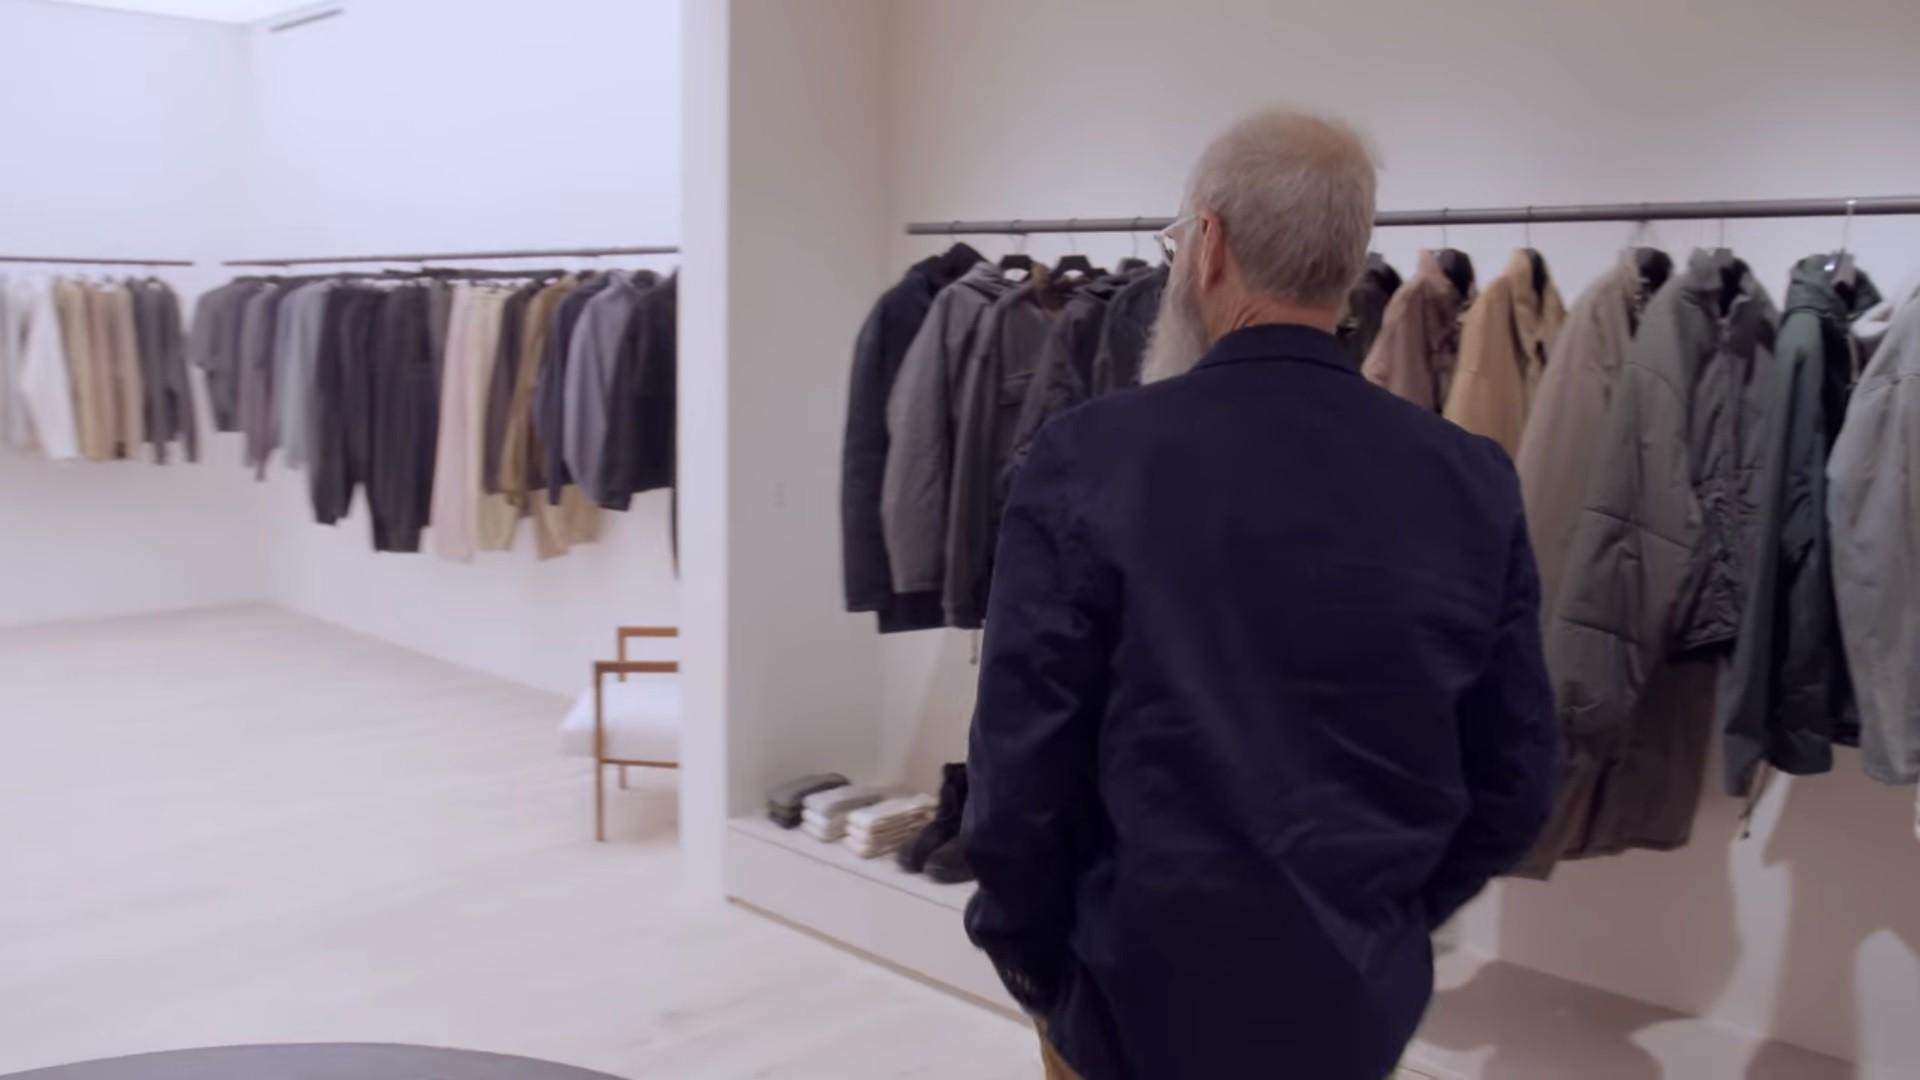 Kanye's closet